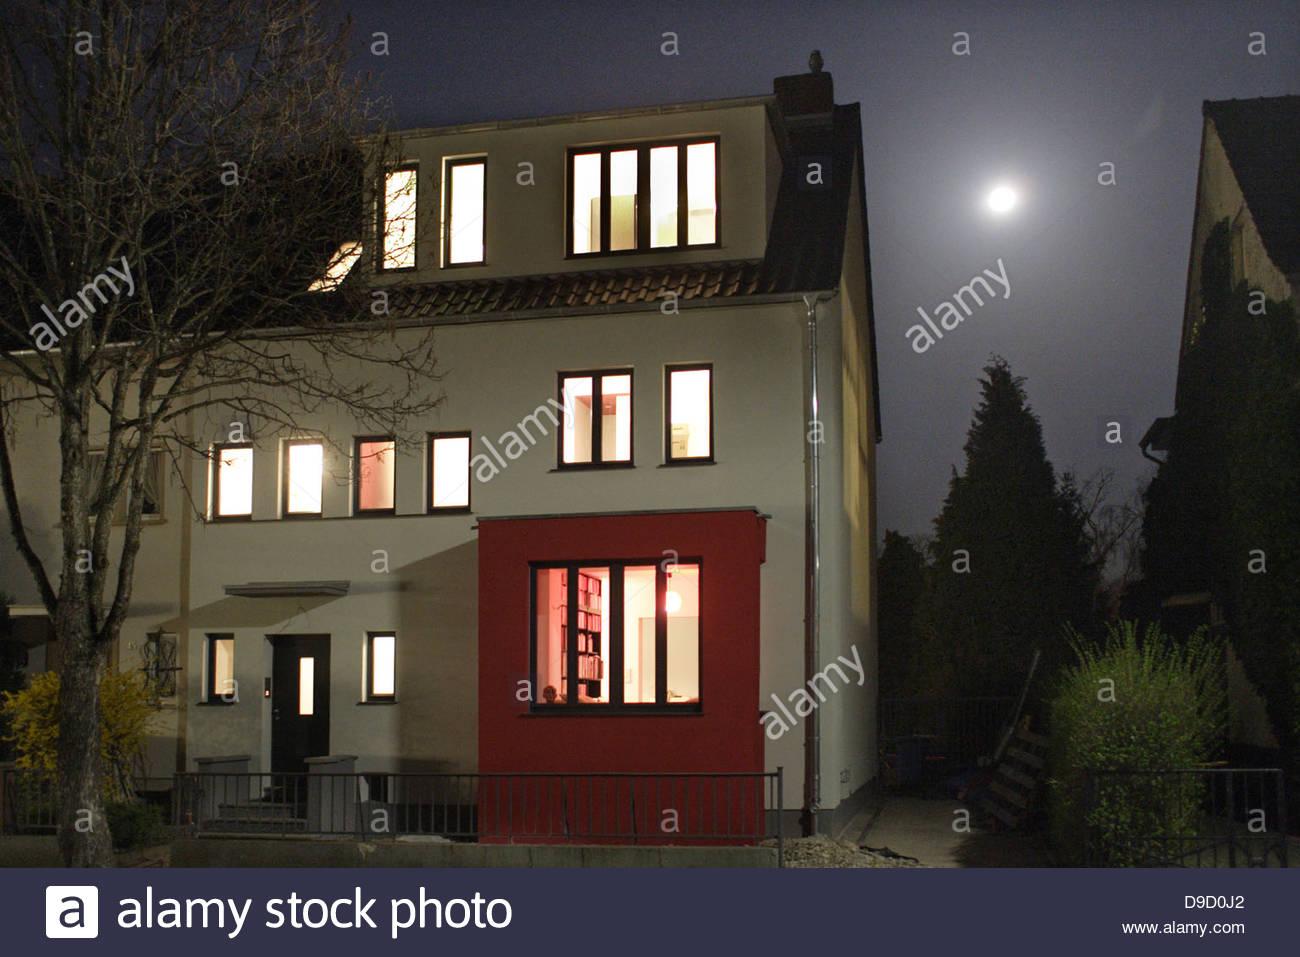 Haus leuchtet in der Nacht, Bonn, Deutschland Stockfoto